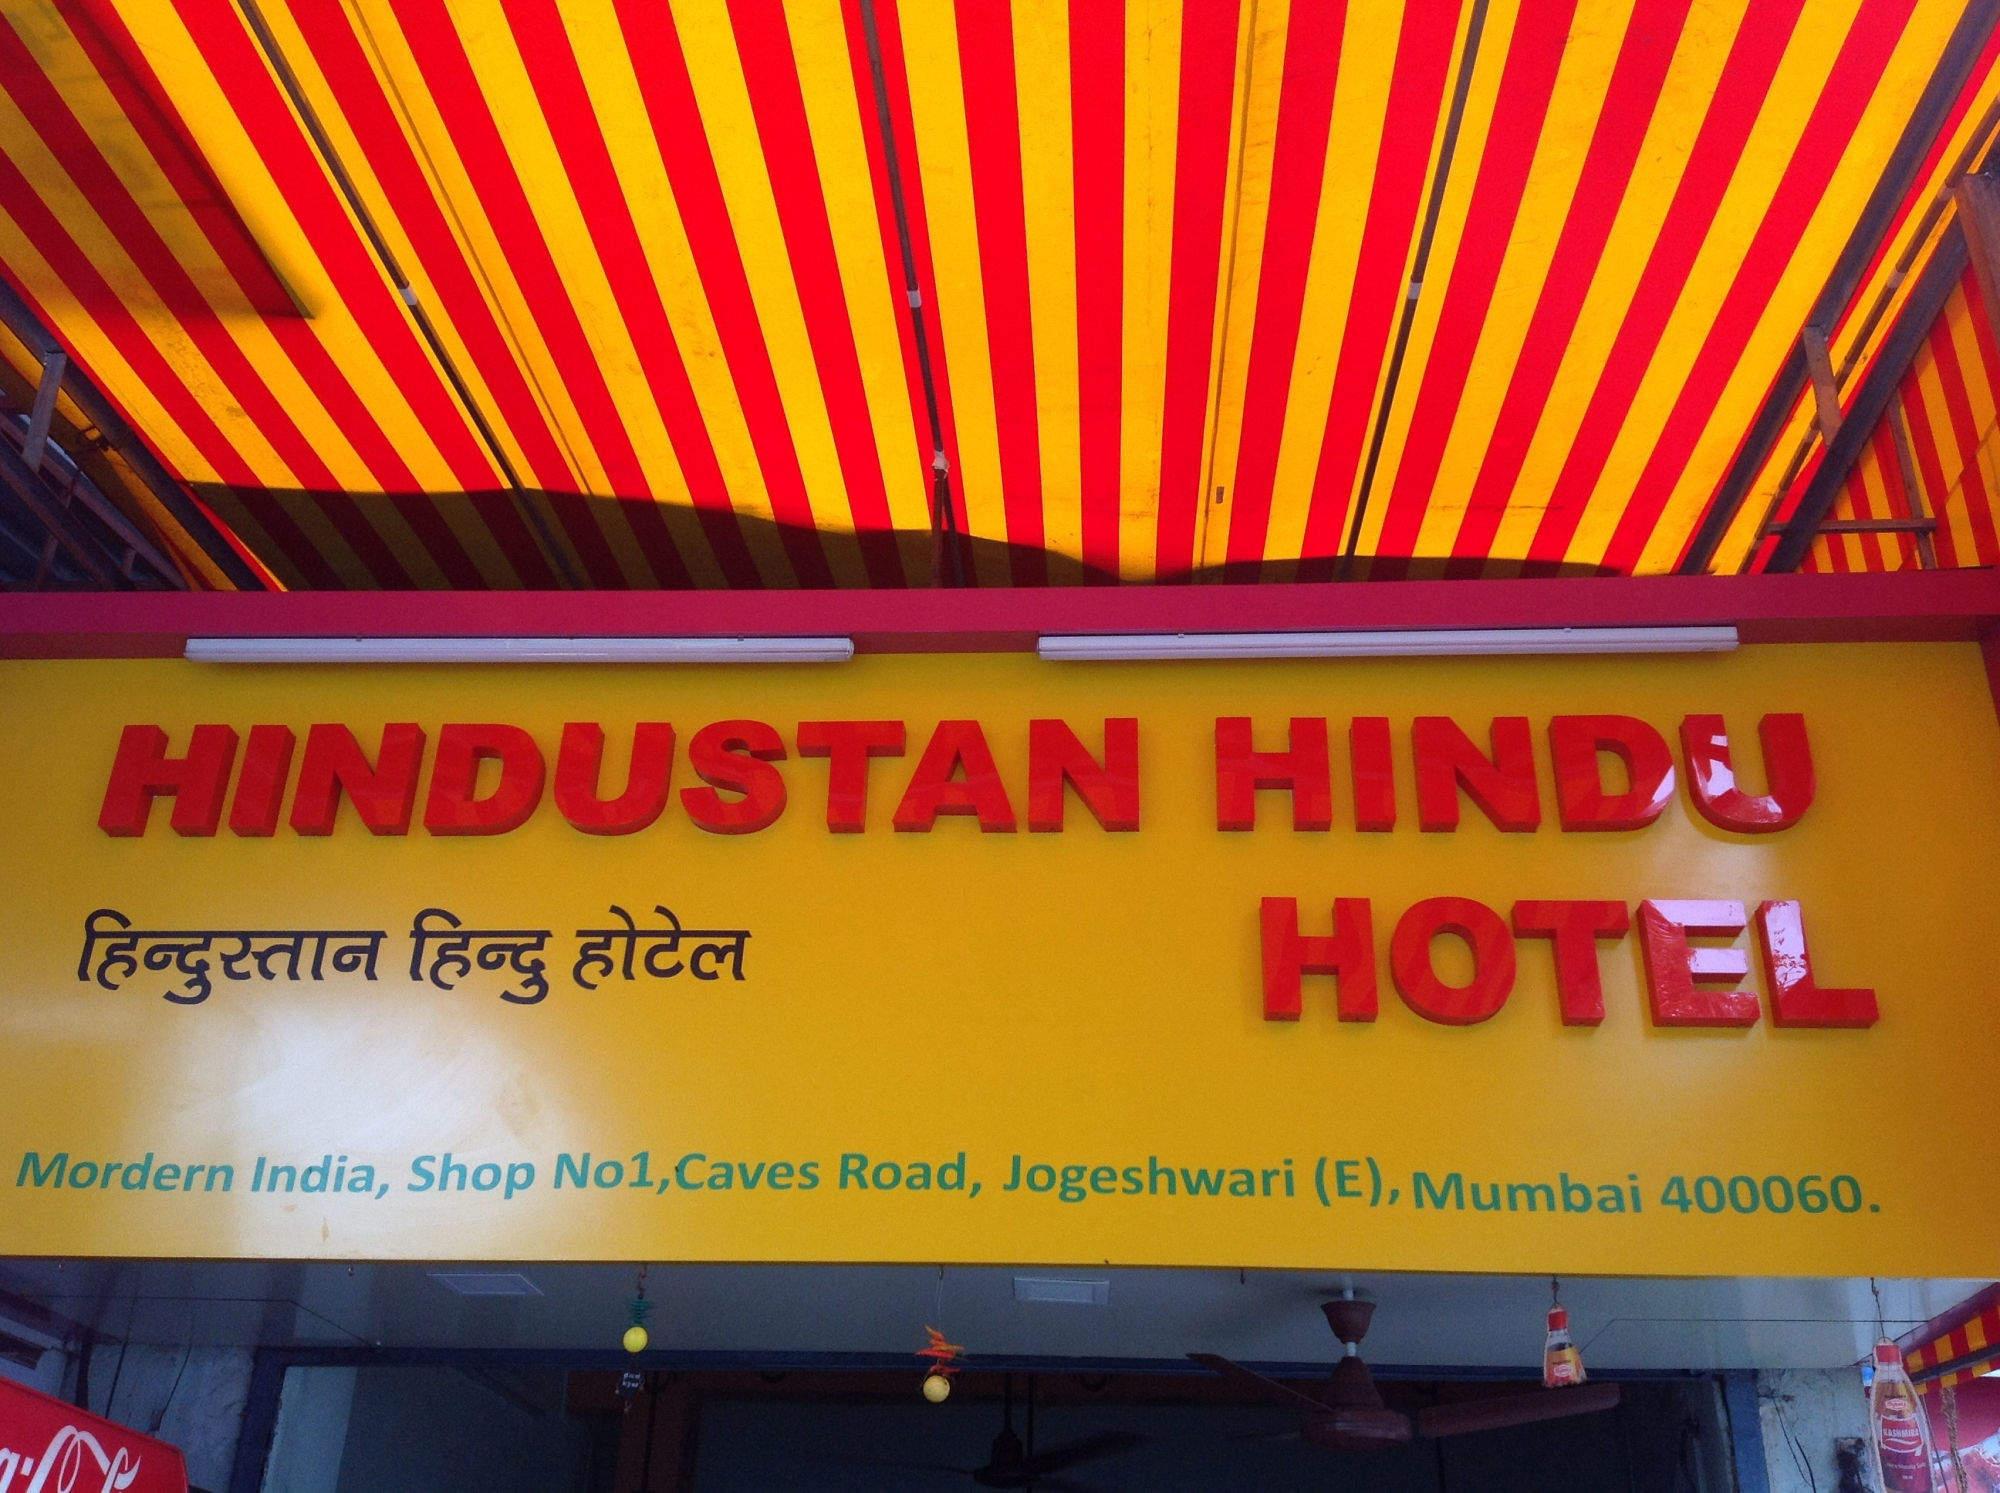 Hindustan Hindu Hotel - Jogeshwari East - Mumbai Image